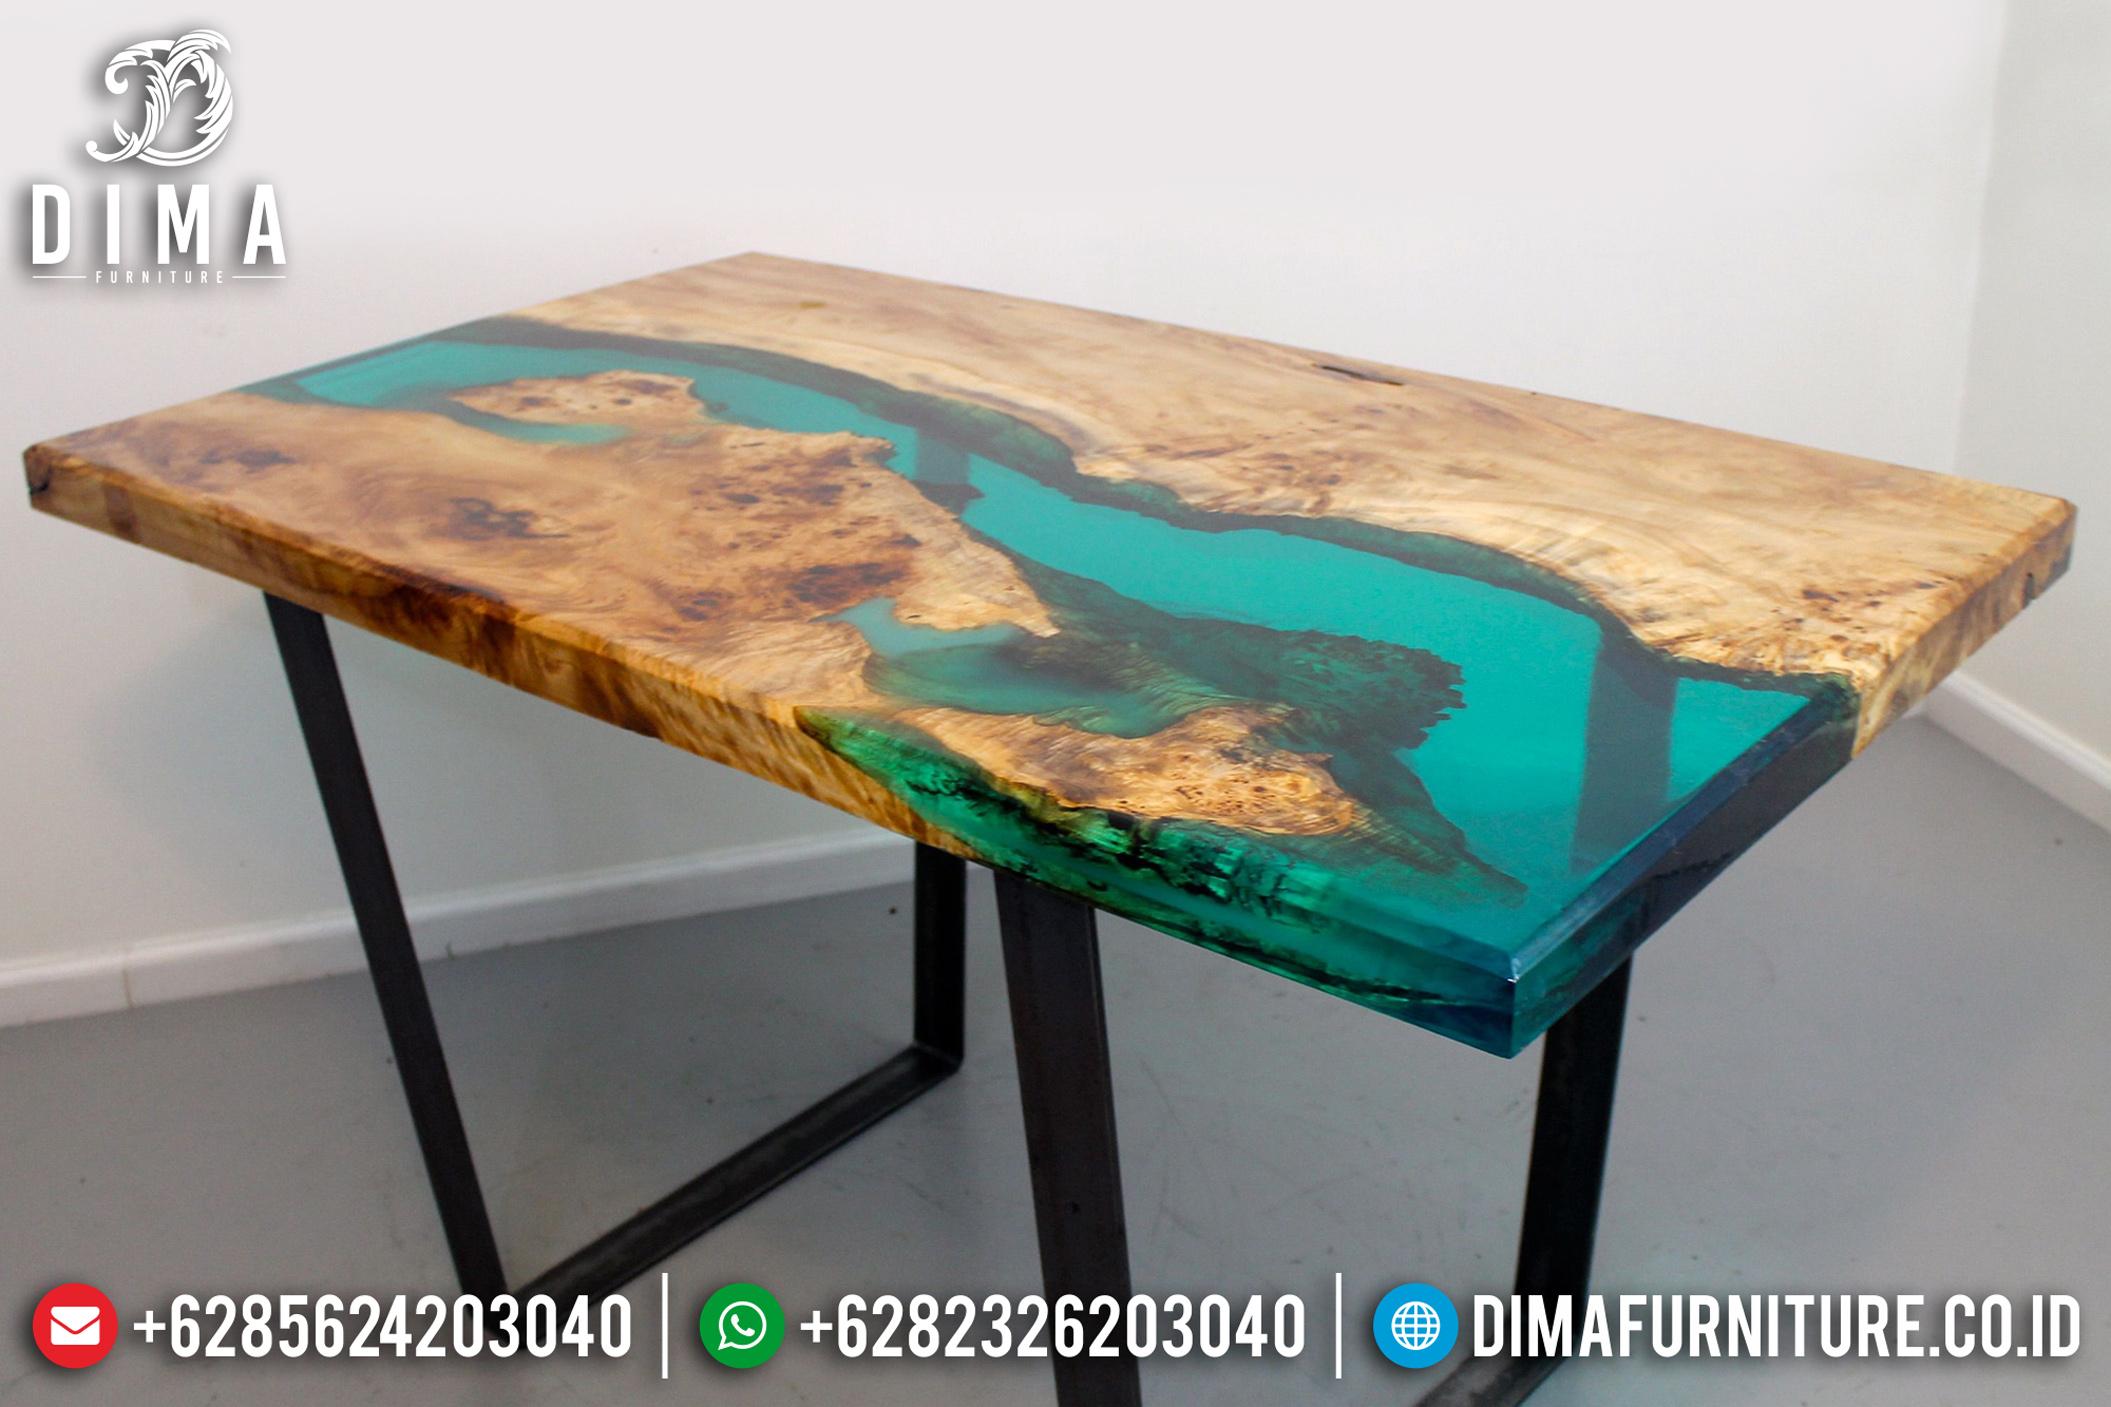 Resin Furniture Indonesa, Meja Resin Terbaru, Mebel Resin Jepara ST-0641